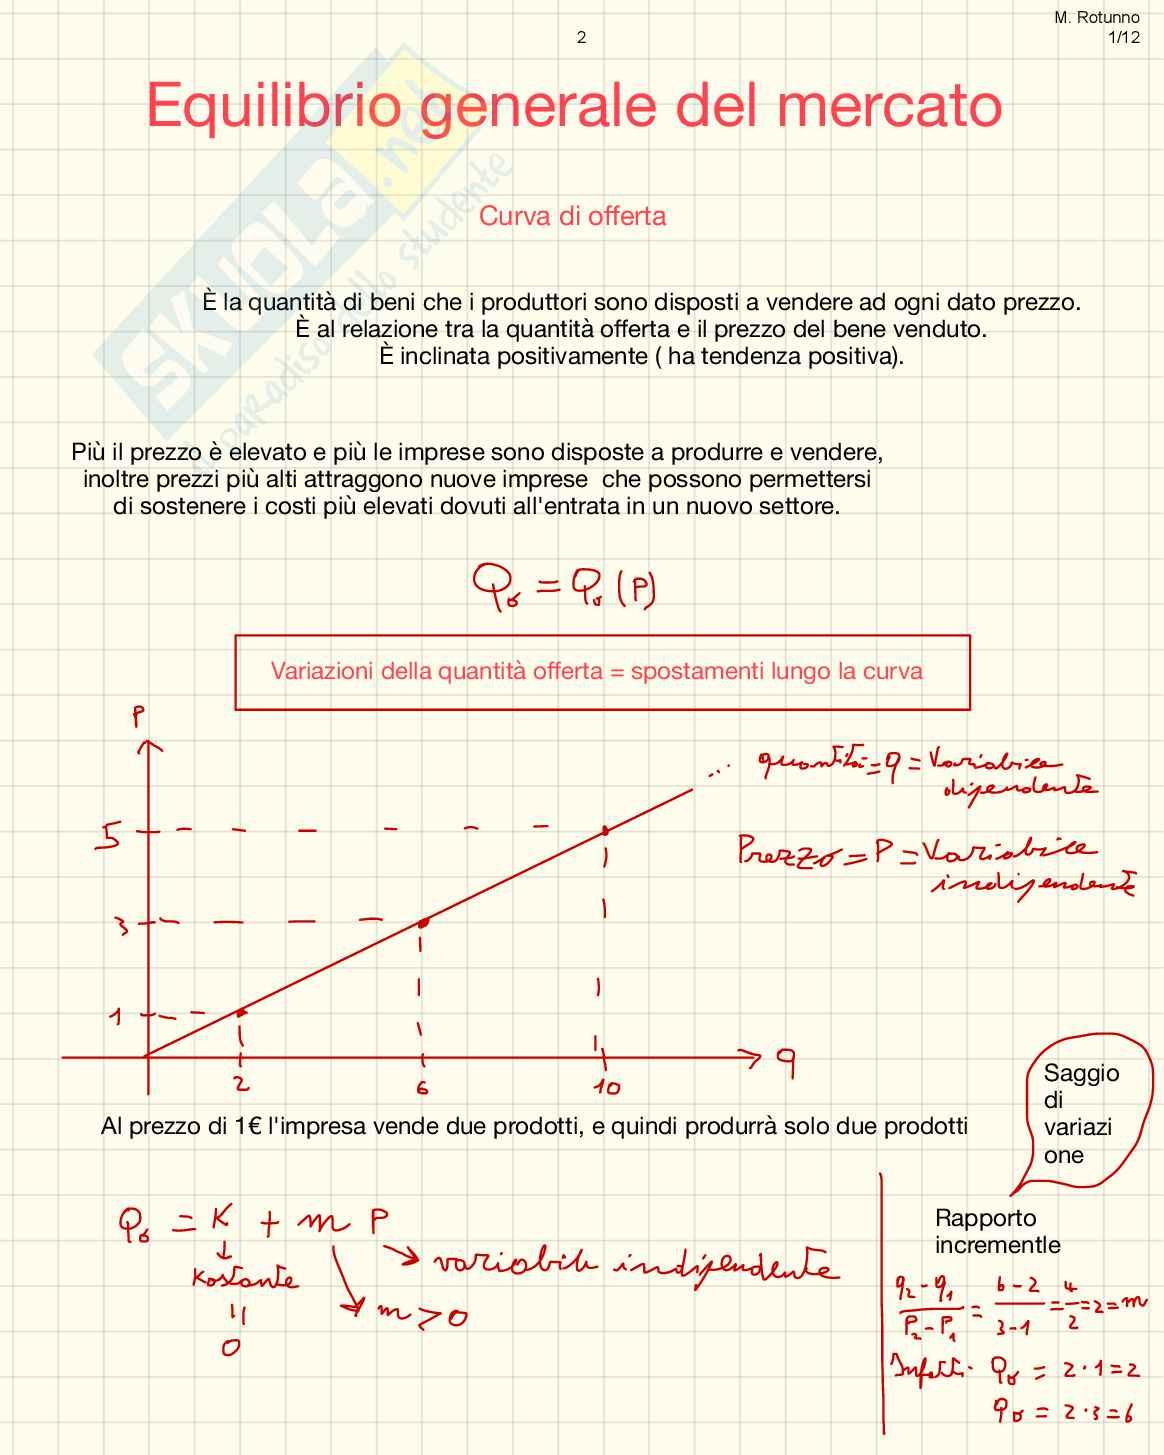 Microeconomia: appunti e rielaborazione sui concetti fondamentali con annessa spiegazione matematica ed esercizi Pag. 2